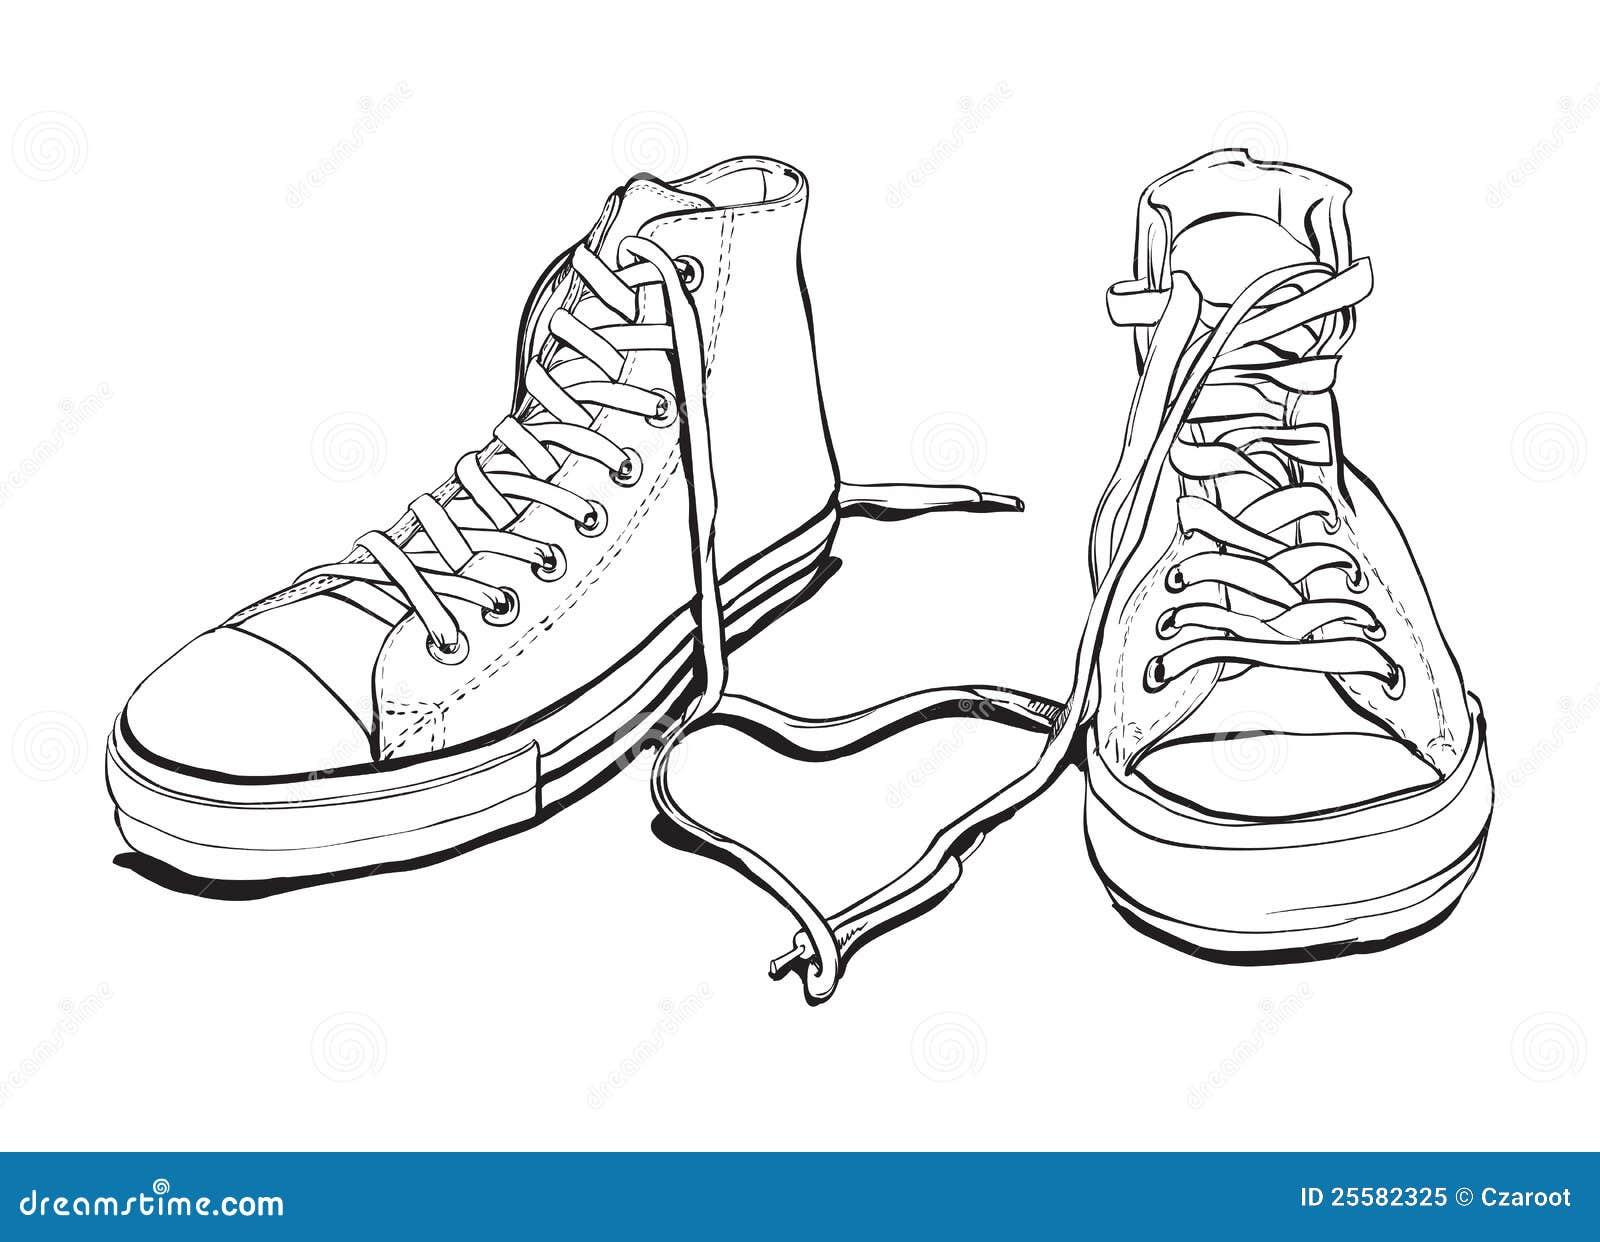 Disegno Da Colorare Bimbo Con Scarpa Sciolta Migliori Pagine Da